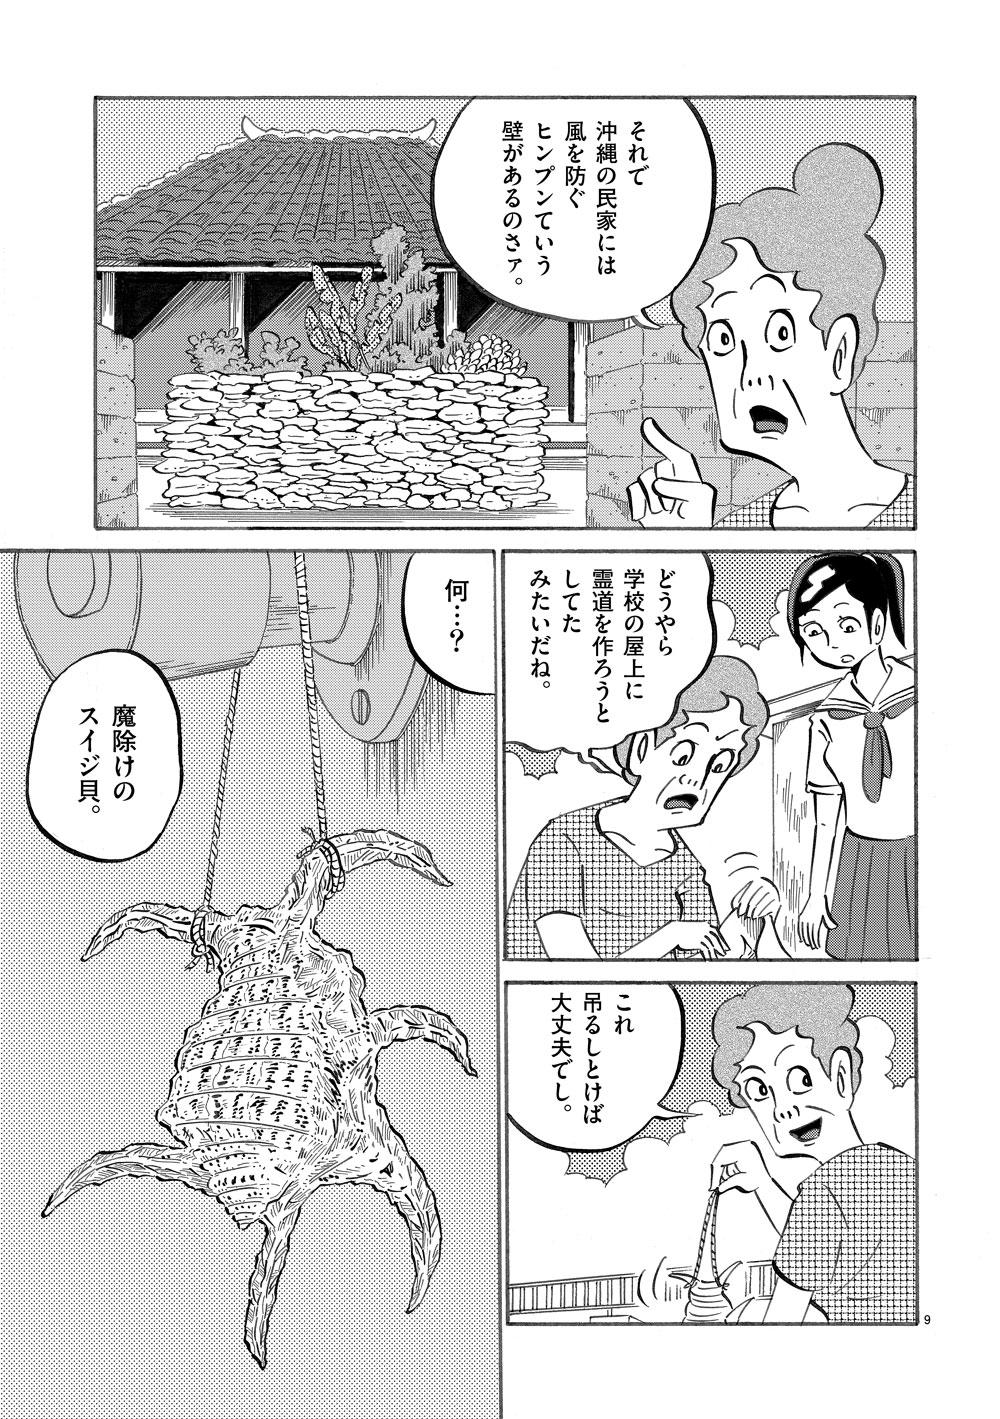 琉球怪談 【第11話】WEB掲載9ページ目画像